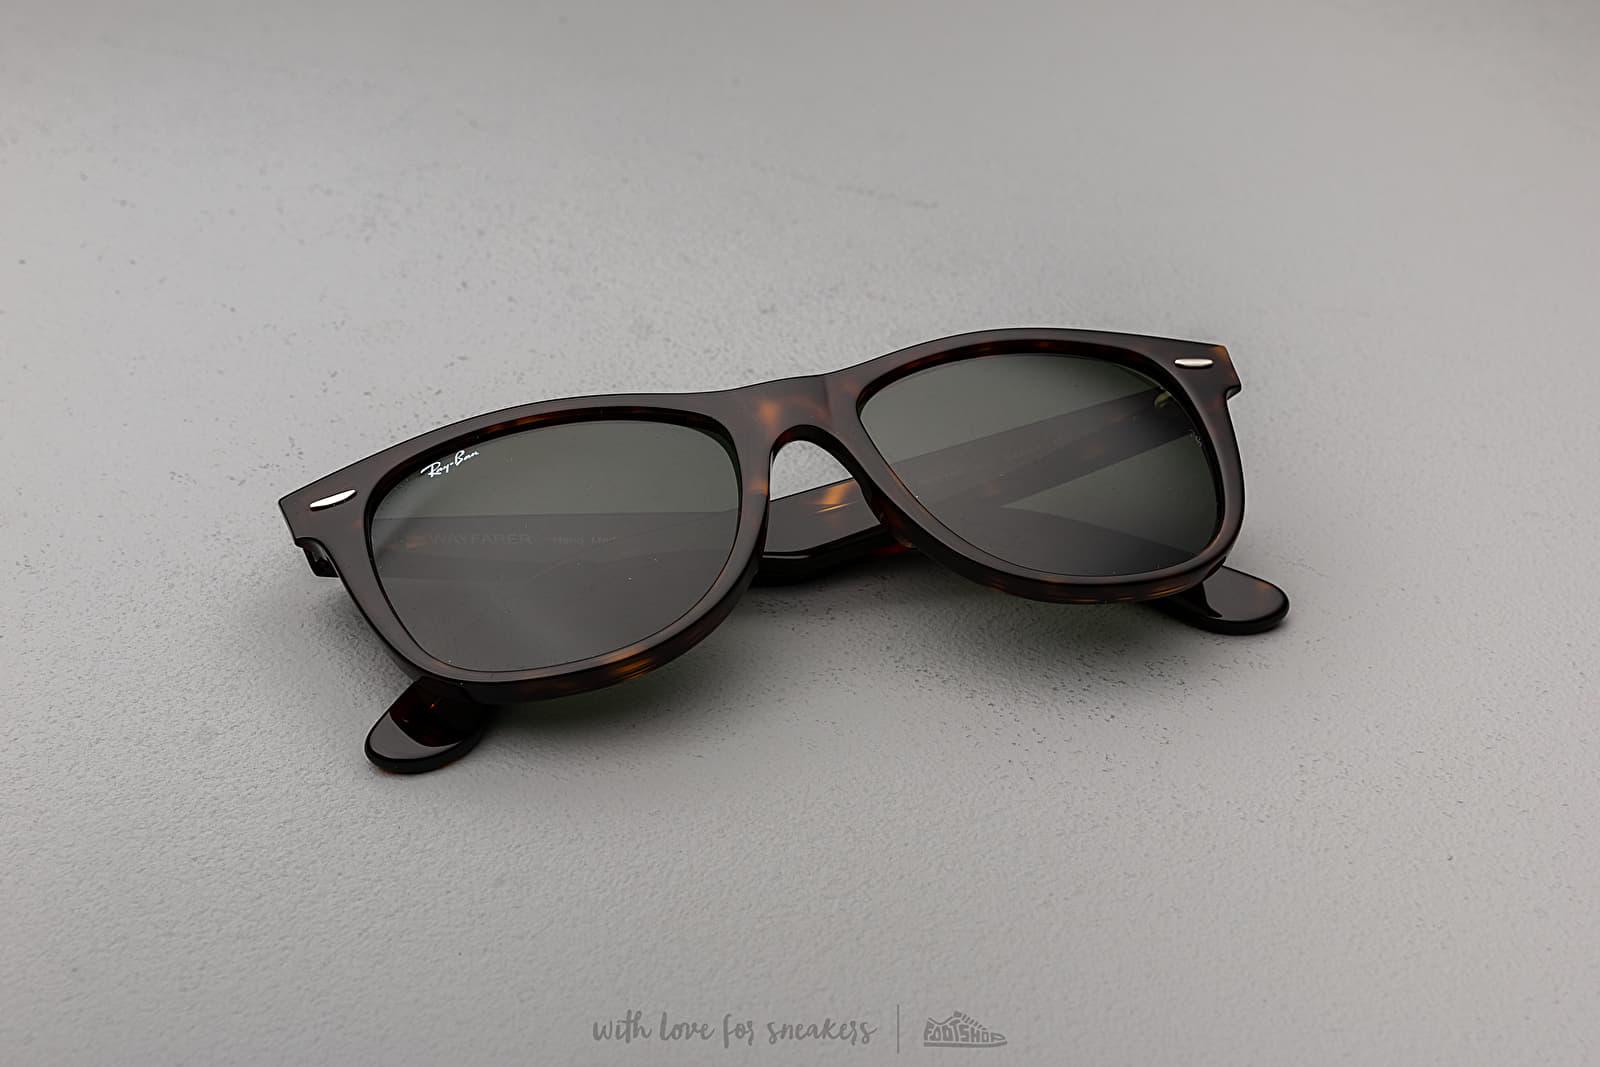 889481b5e8 Ray Ban Wayfarer Sunglasses Tortoise a muy buen precio 140 € comprar en  Footshop